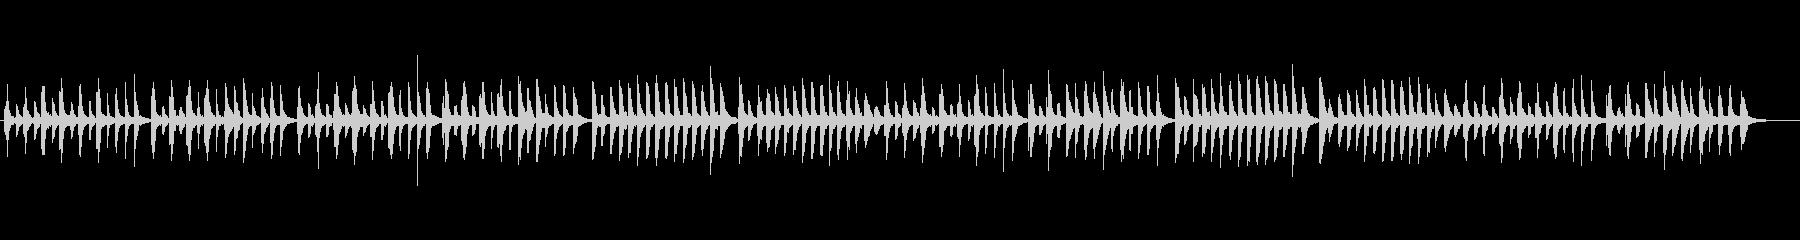 クラシックピアノ、チェルニーNo.40の未再生の波形